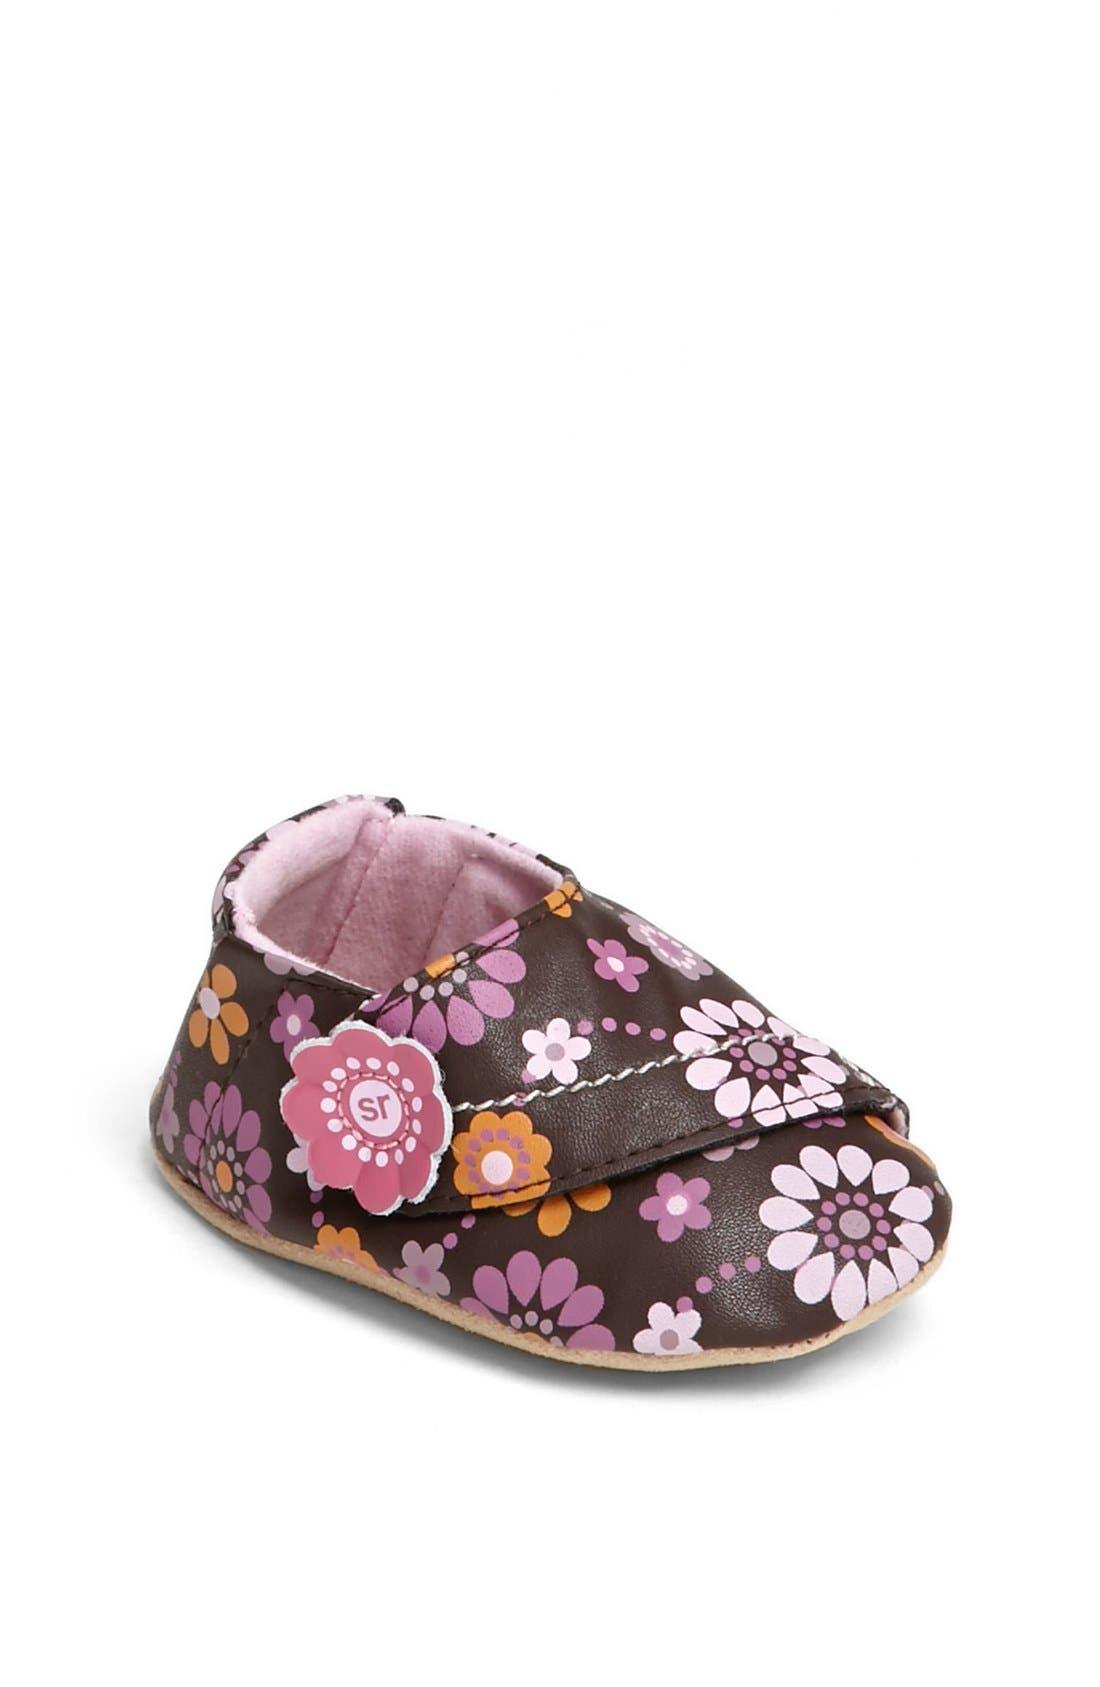 Alternate Image 1 Selected - Stride Rite 'Floral Fun' Crib Shoe (Baby Girls)